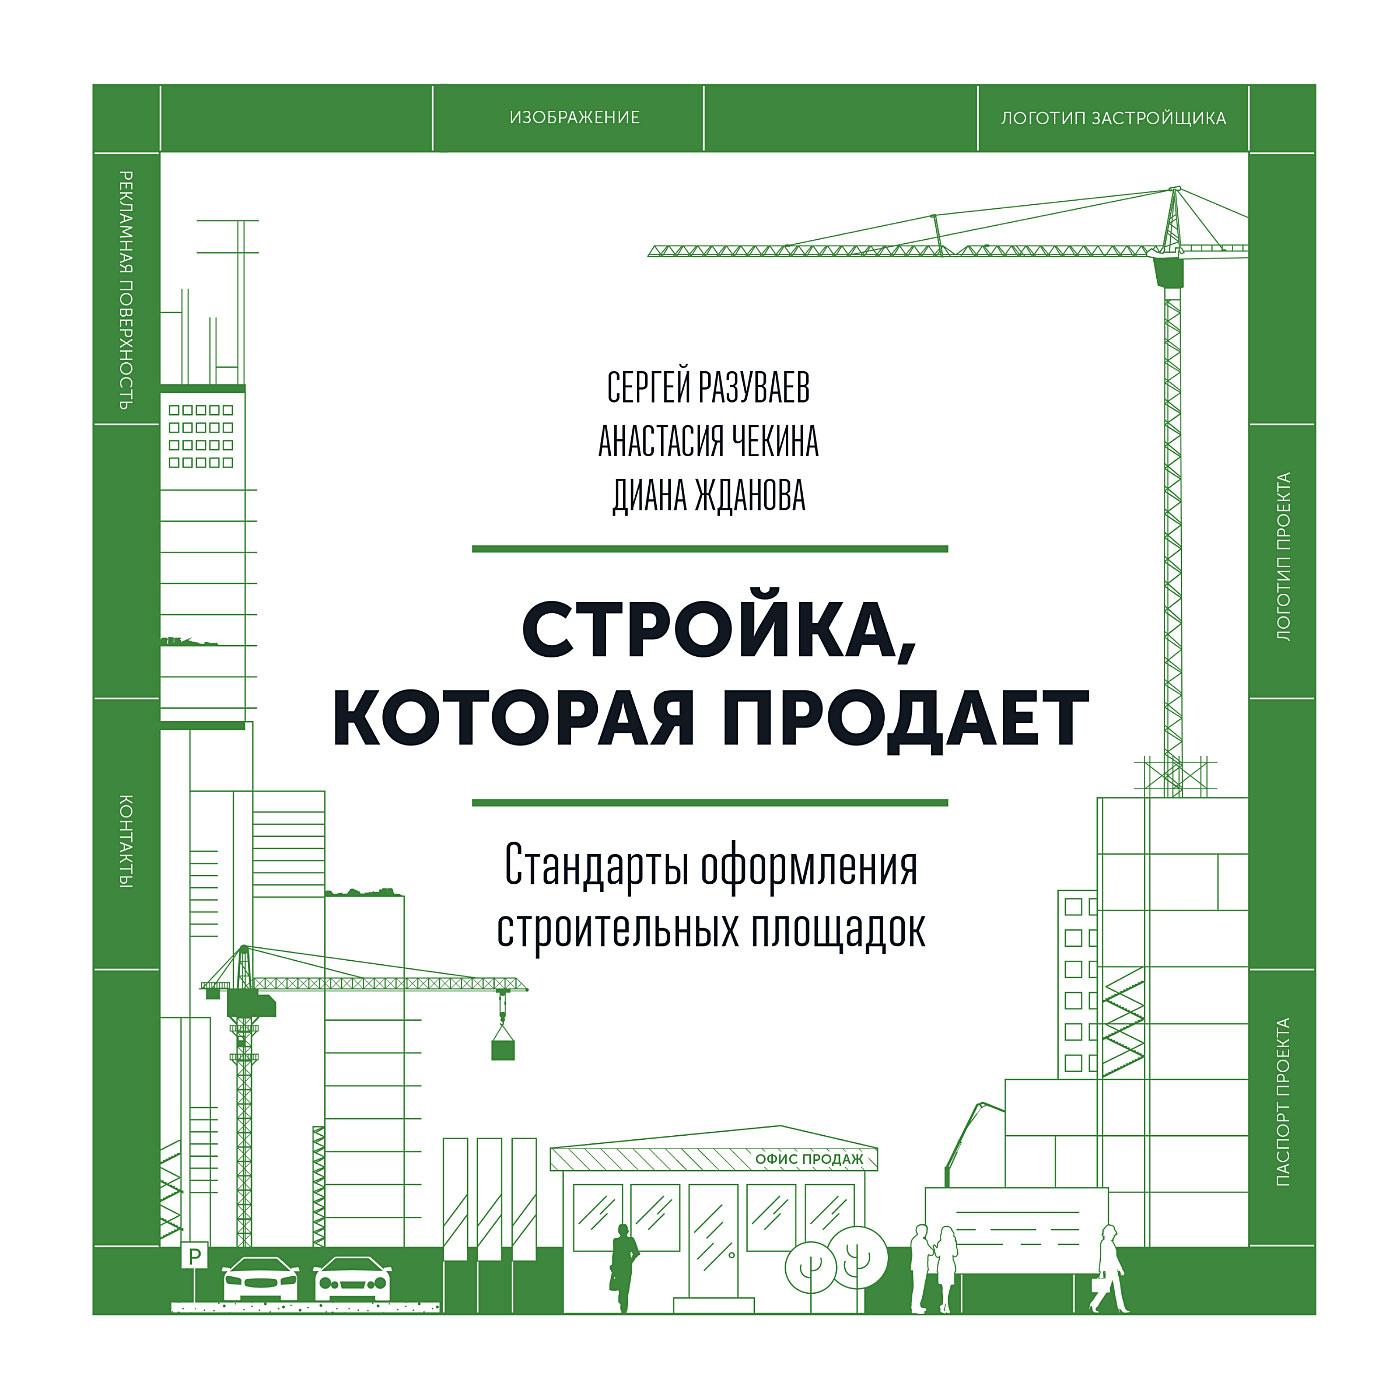 Купить книгу Стройка, которая продает. Стандарты оформления строительных площадок, автора Сергея Разуваева